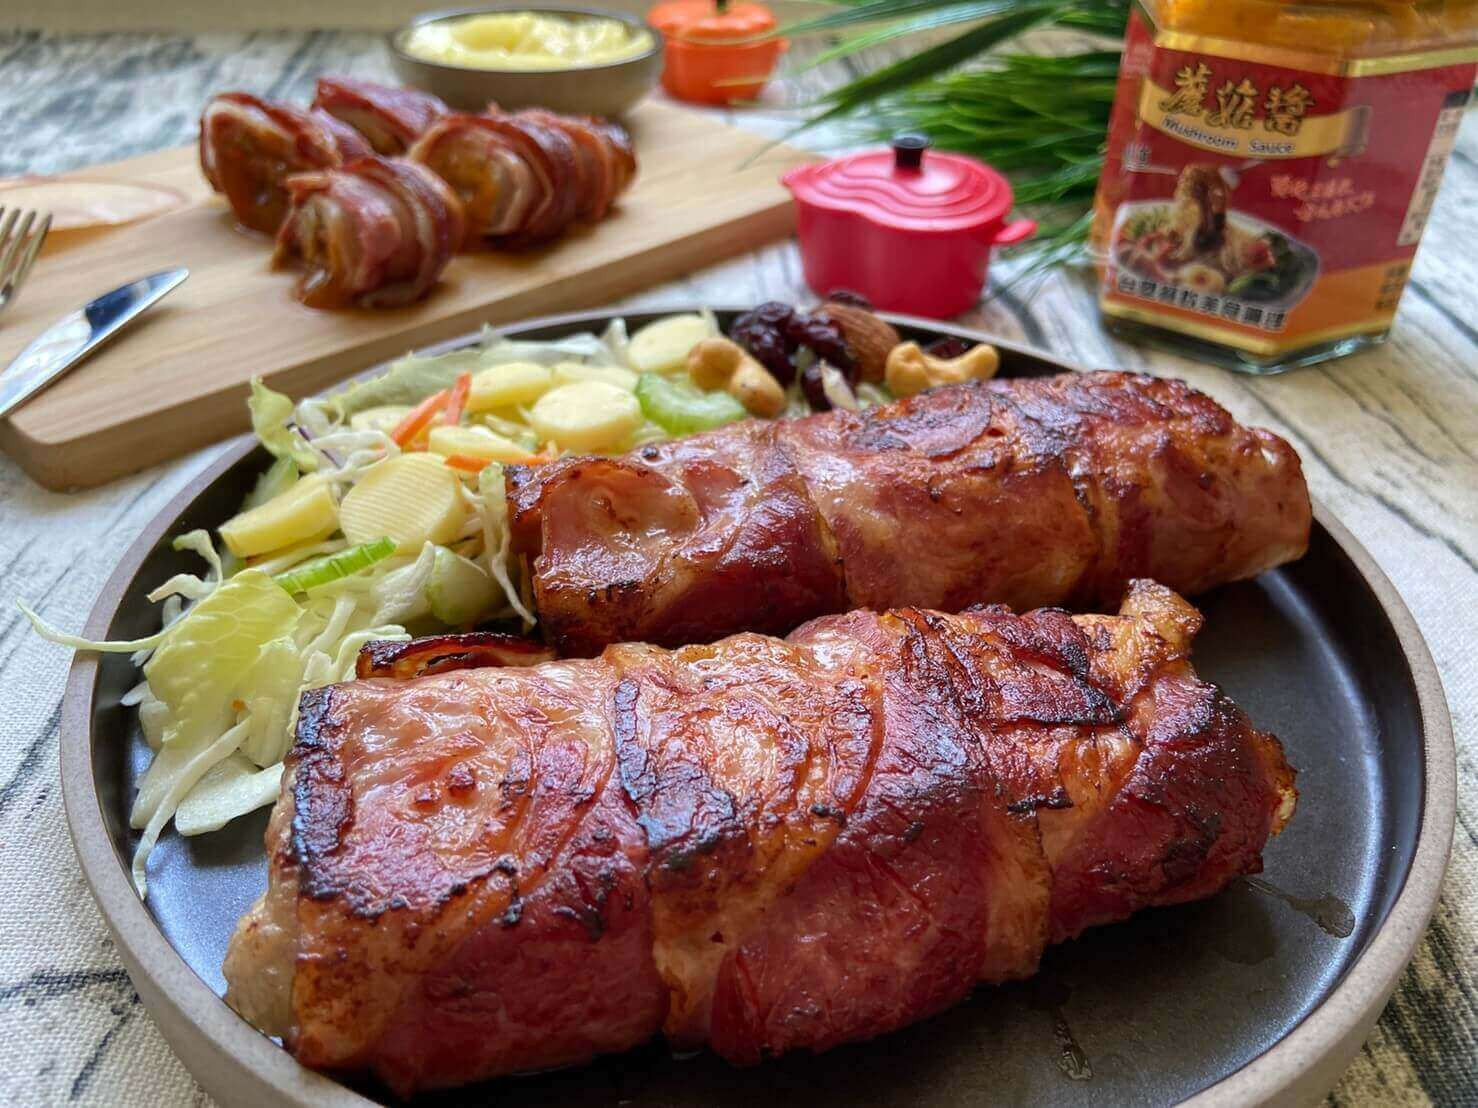 『晚餐食譜』-乾煎培根豬里肌+蘑菇醬